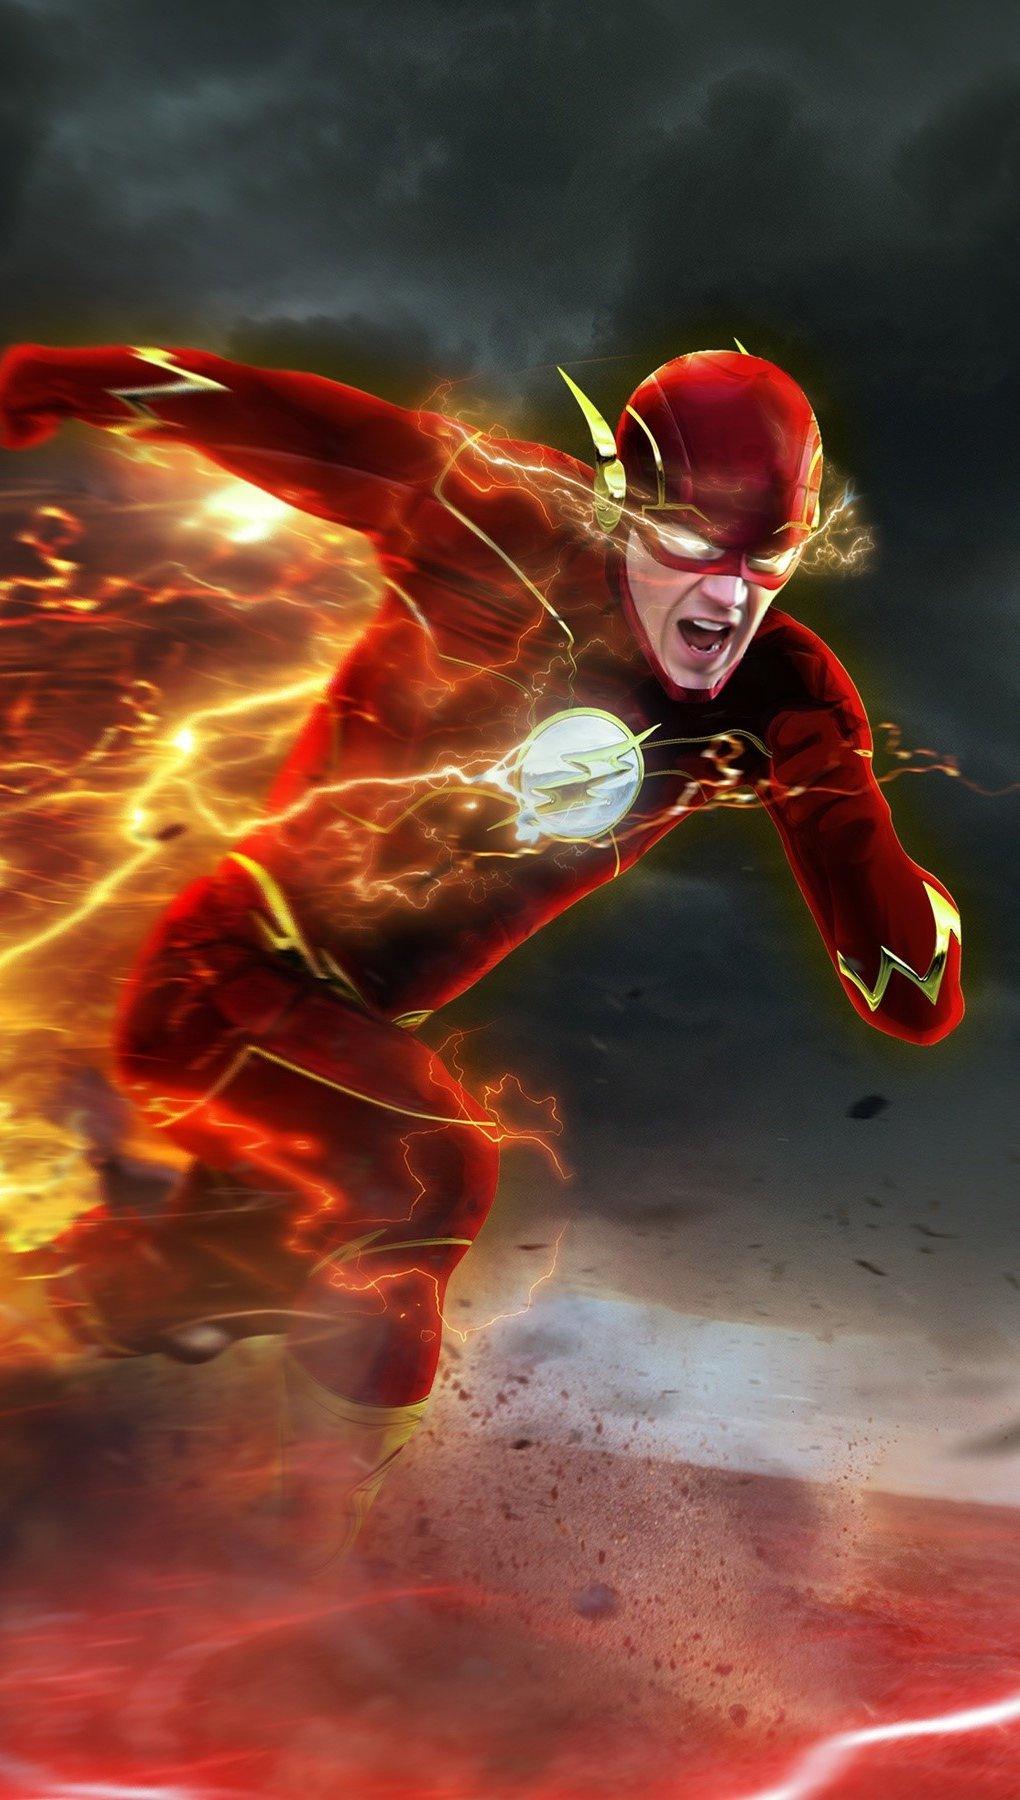 Wallpaper Barry Allen as Flash Vertical